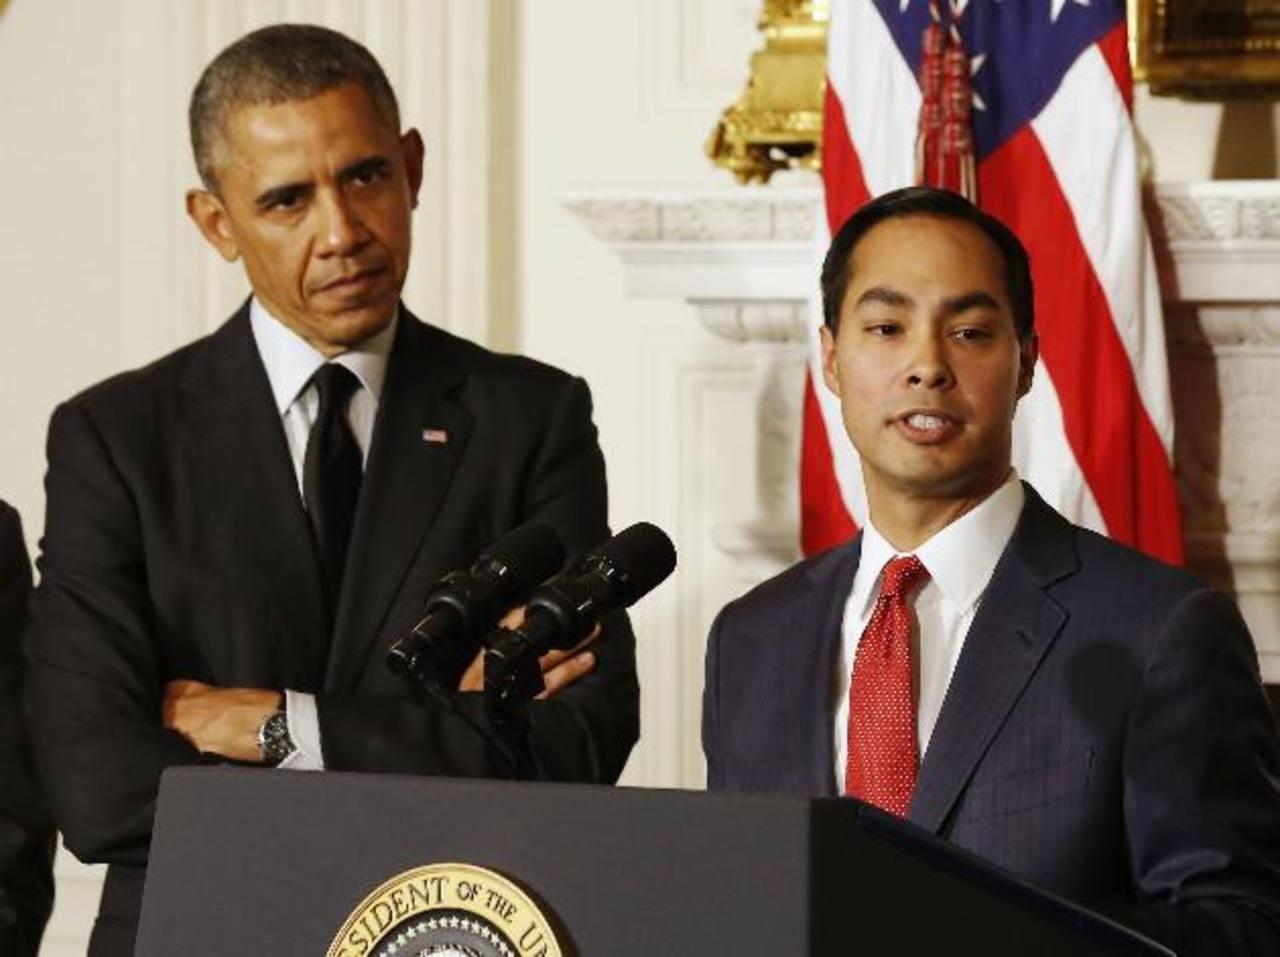 El presidente Barack Obama junto a Julián Castro en la Casa Blanca donde fue designado al cargo. foto edh / reuters